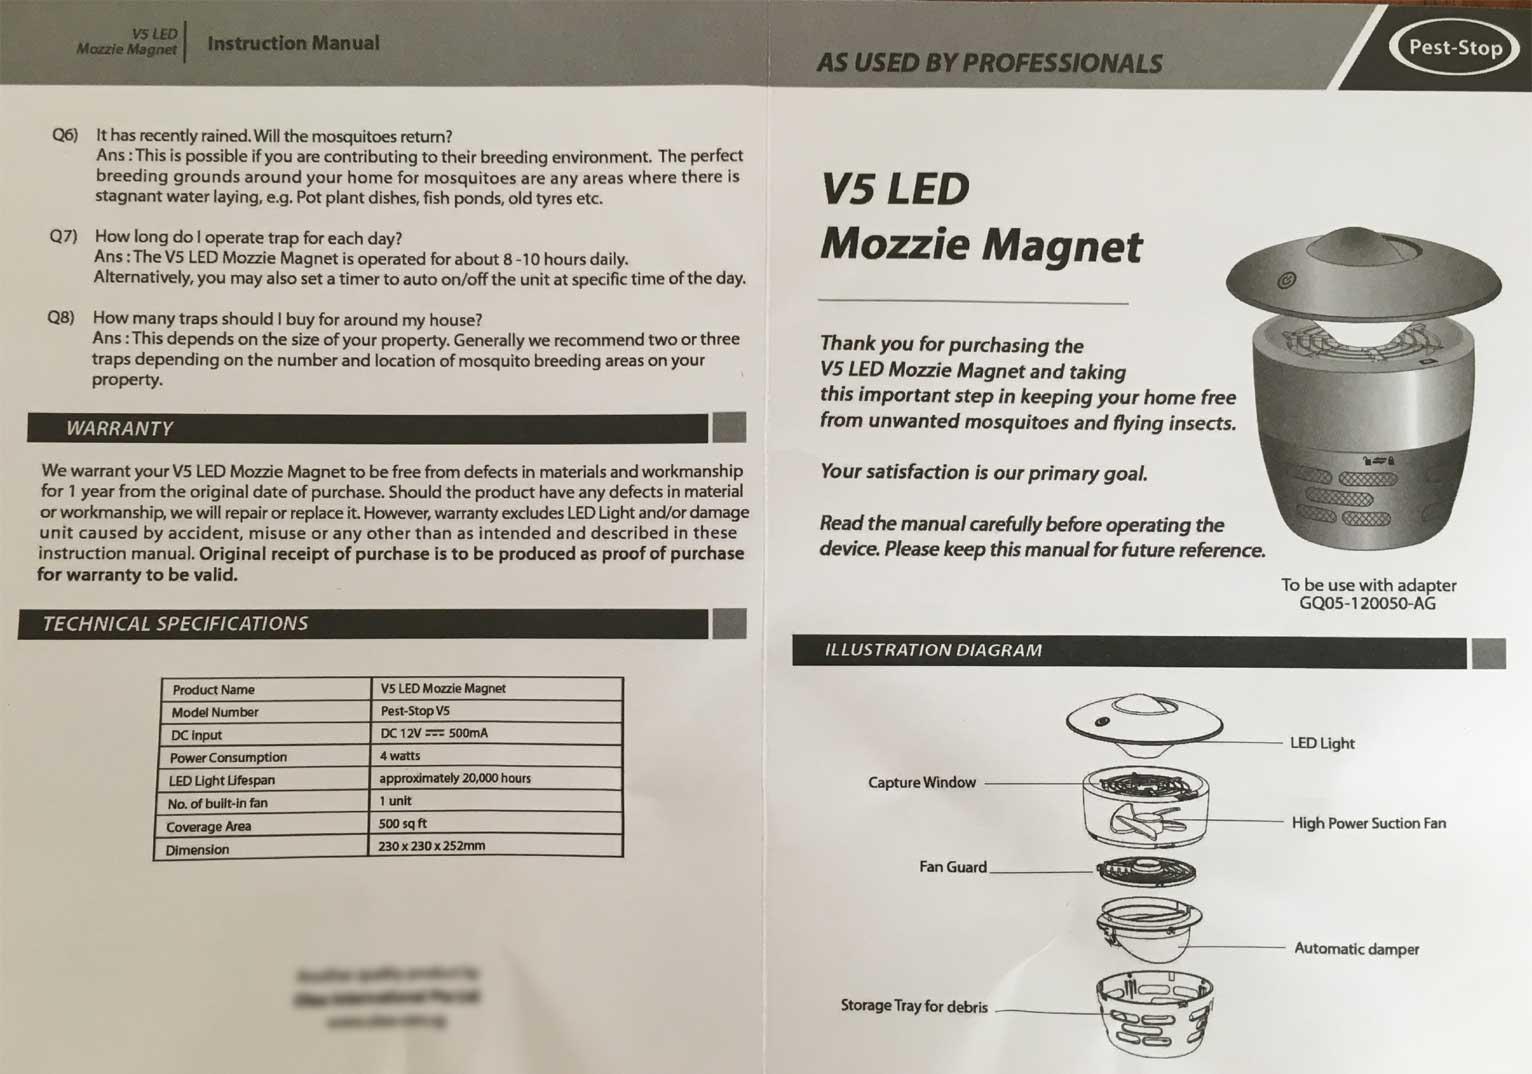 Pest-Stop V5 LED Mozzie Magnet - Manual